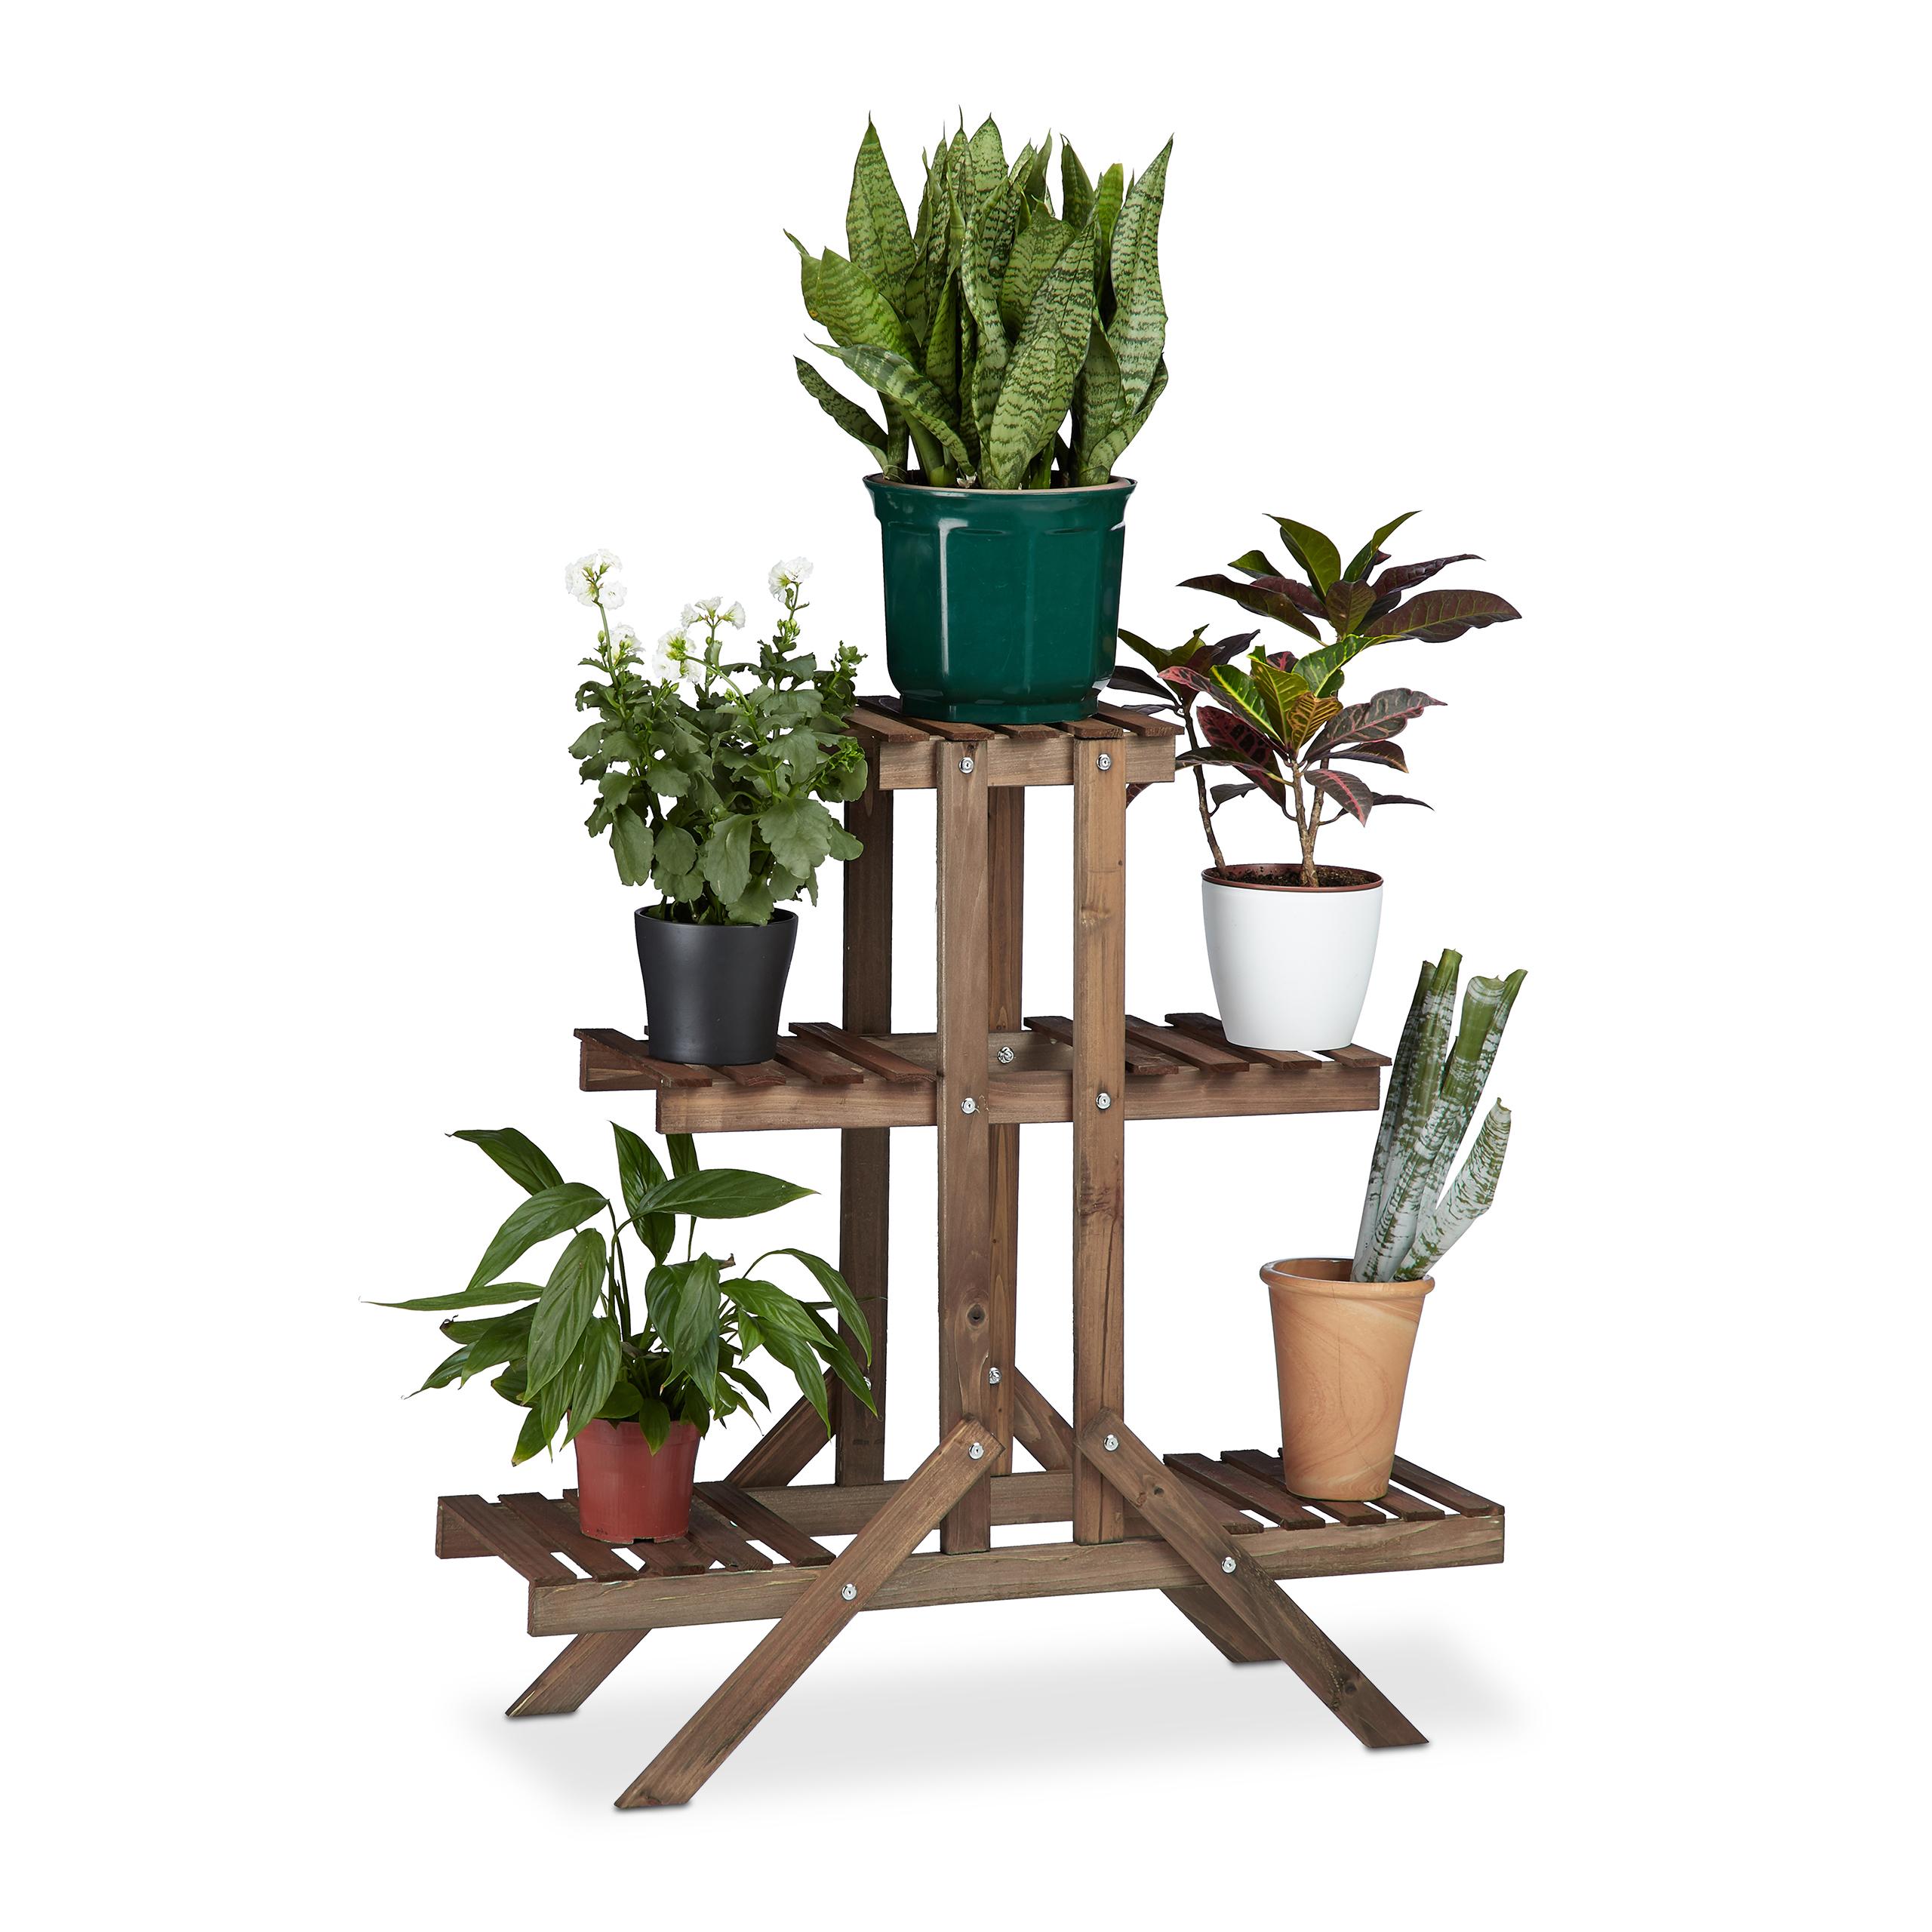 Blumentreppe-3-Ebenen-Blumenstaender-Holz-Pflanzentreppe-Blumenbank-Blumenetagere